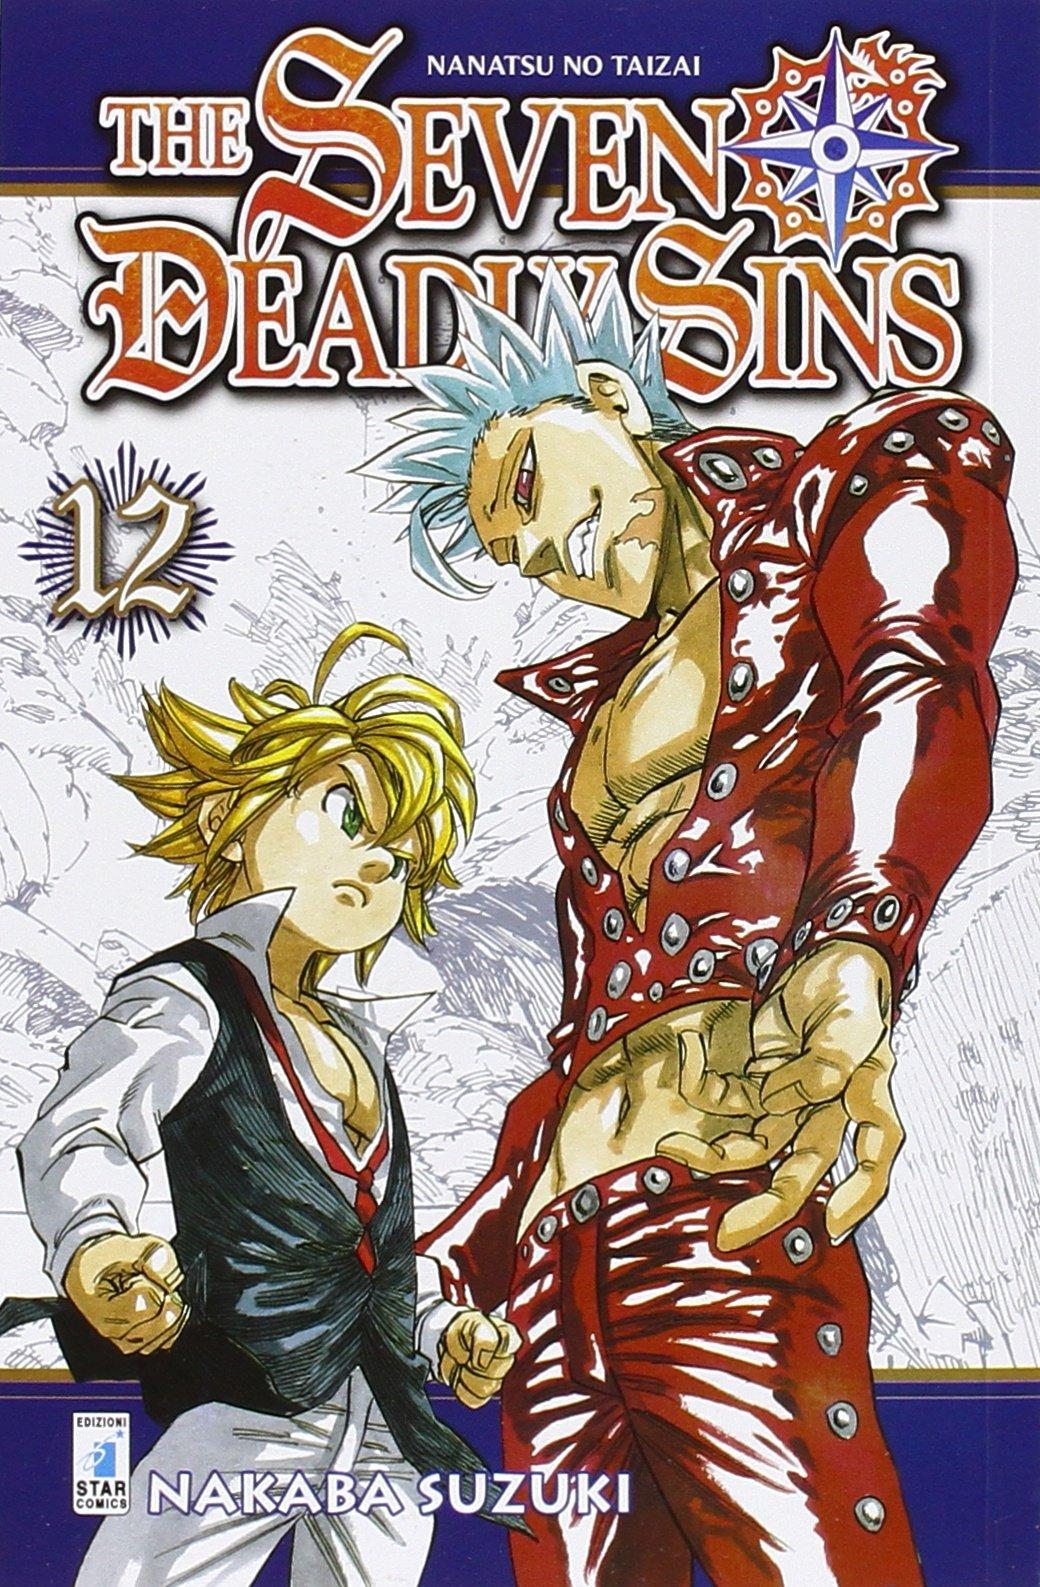 The seven deadly sins: 12 Copertina flessibile – 8 ago 2016 Nakaba Suzuki M. Riminucci Star Comics 8869206343